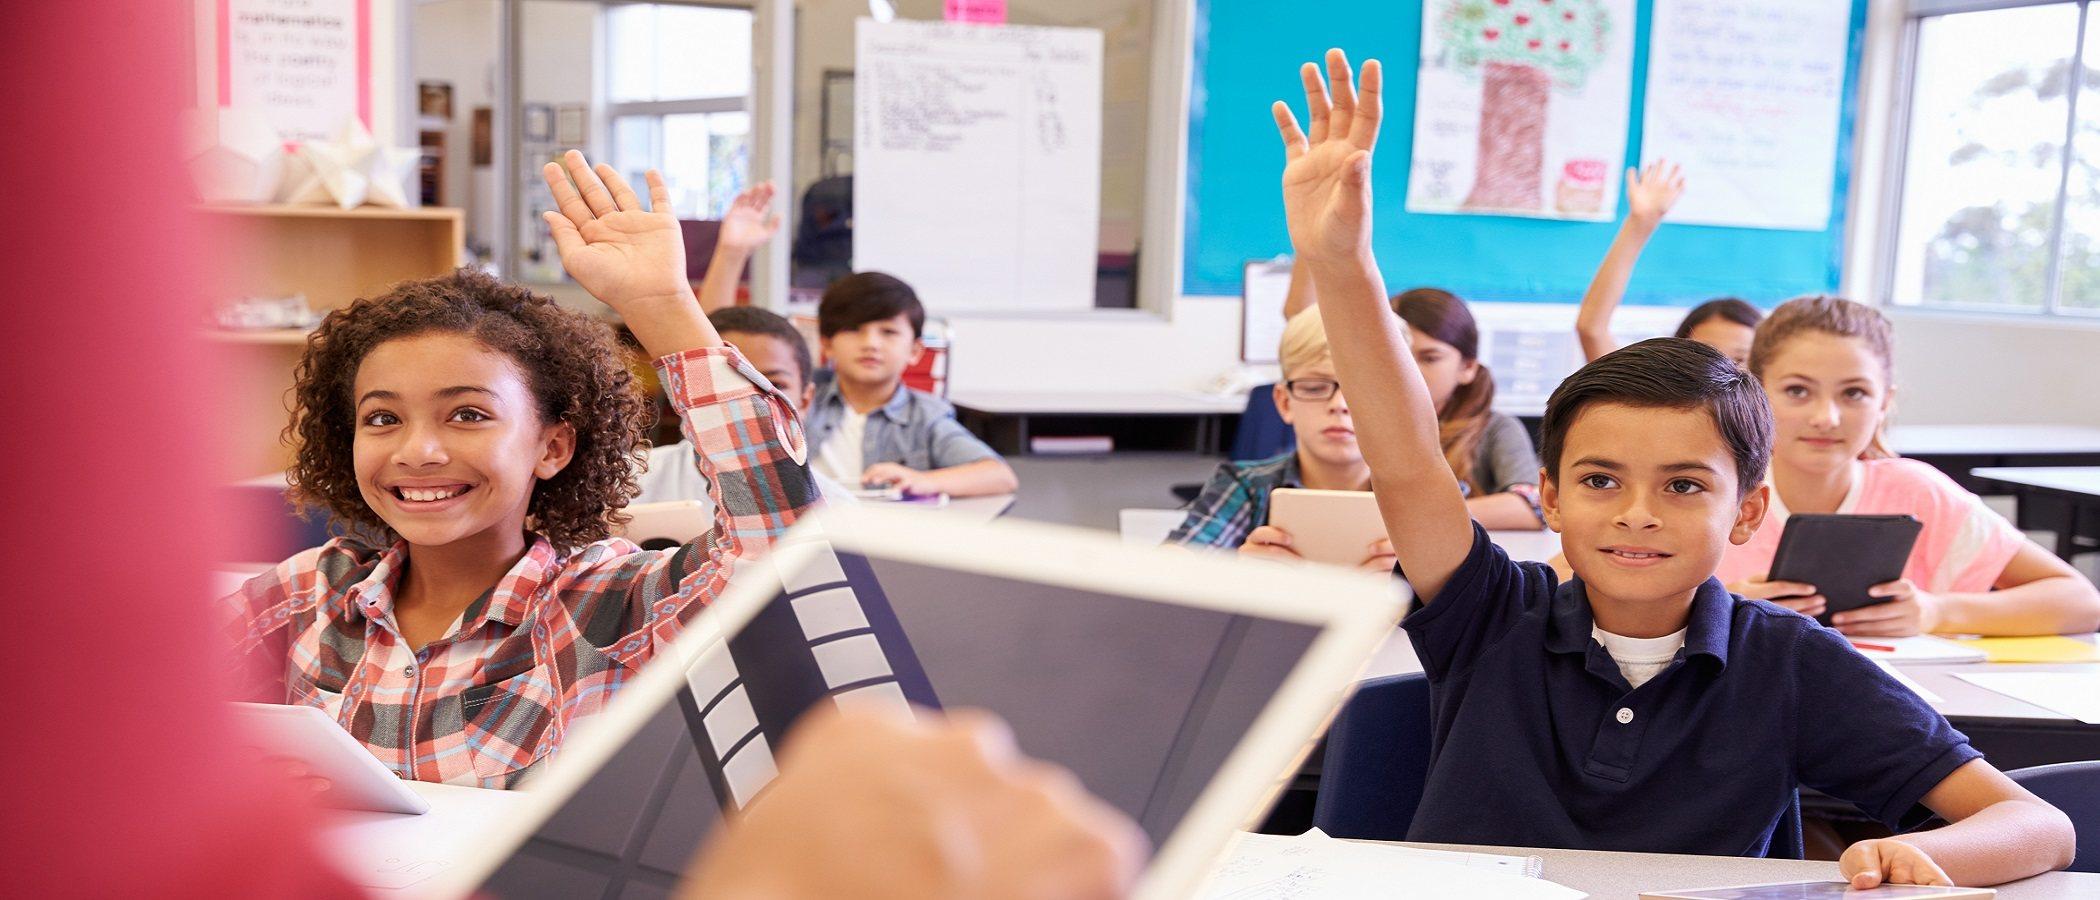 Qué es el aprendizaje ubicuo